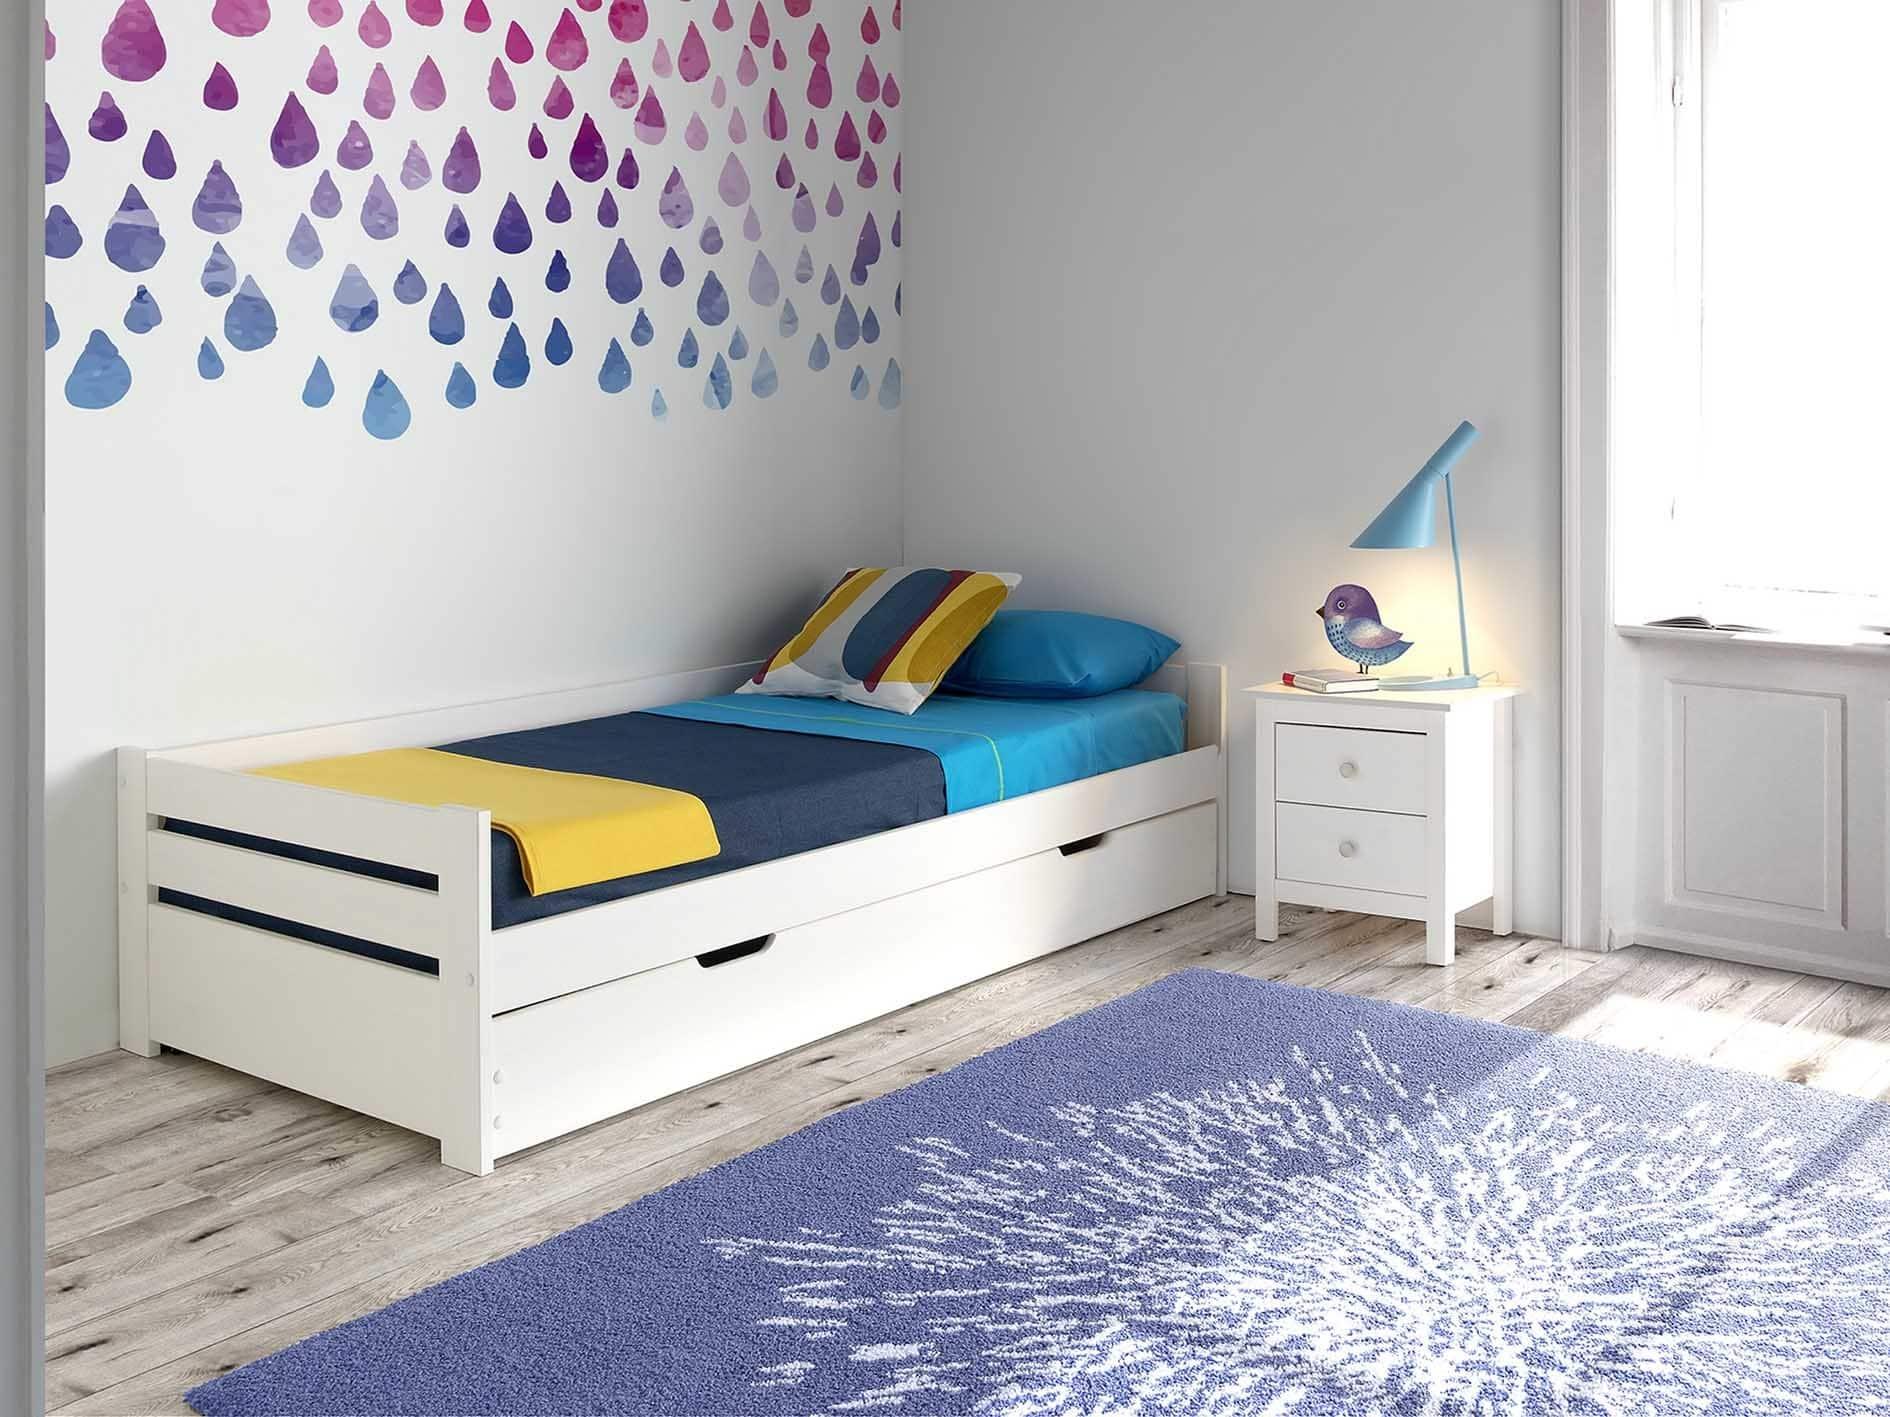 Ideas de cama nido blanca para habitaciones infantiles - Camas nido infantiles ...